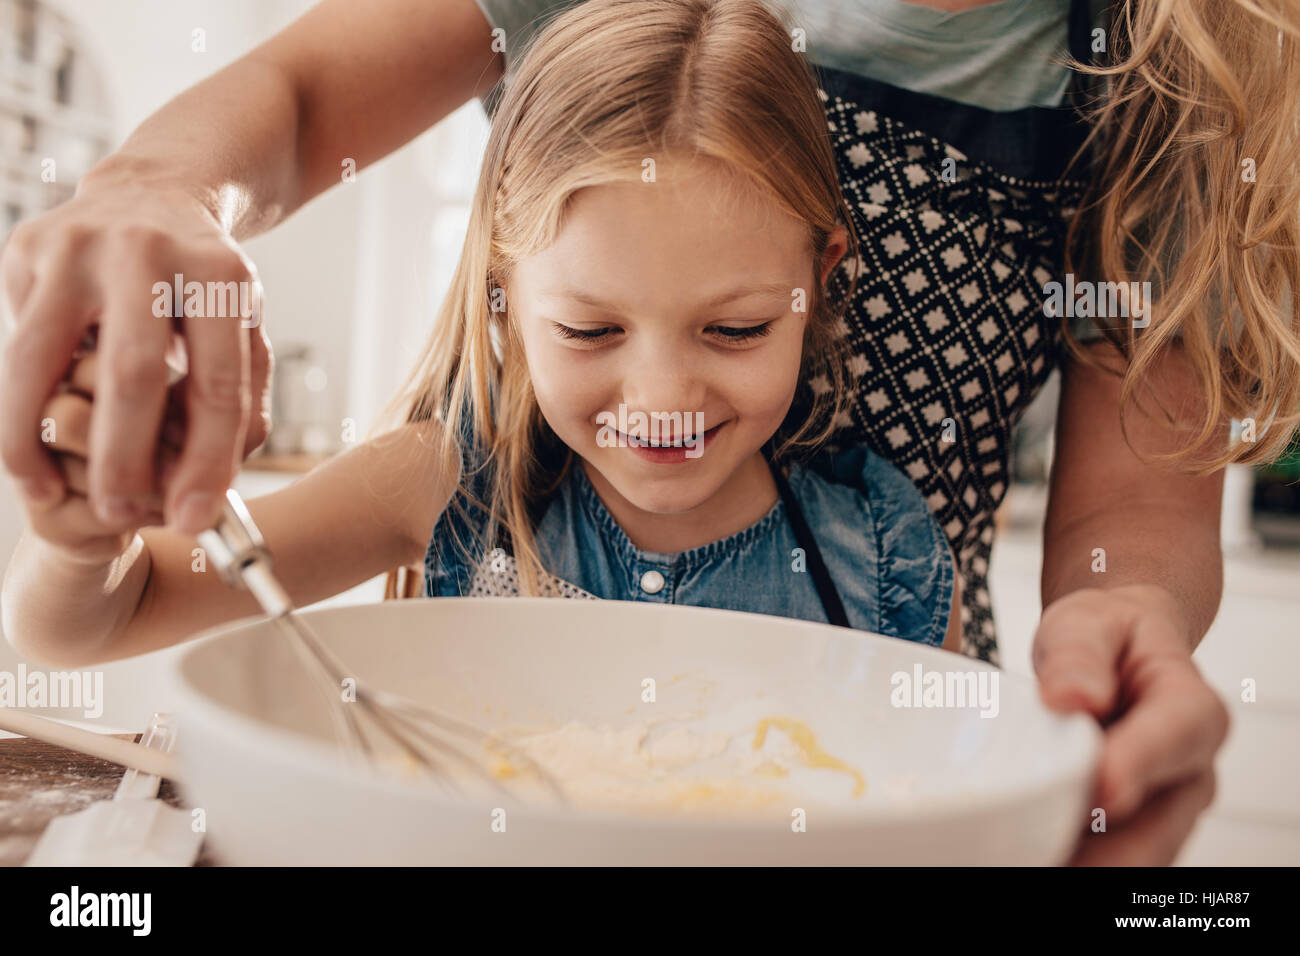 Bellissima bambina con sua madre pastella di miscelazione in un recipiente e sorridente. Madre e figlia in cucina Immagini Stock